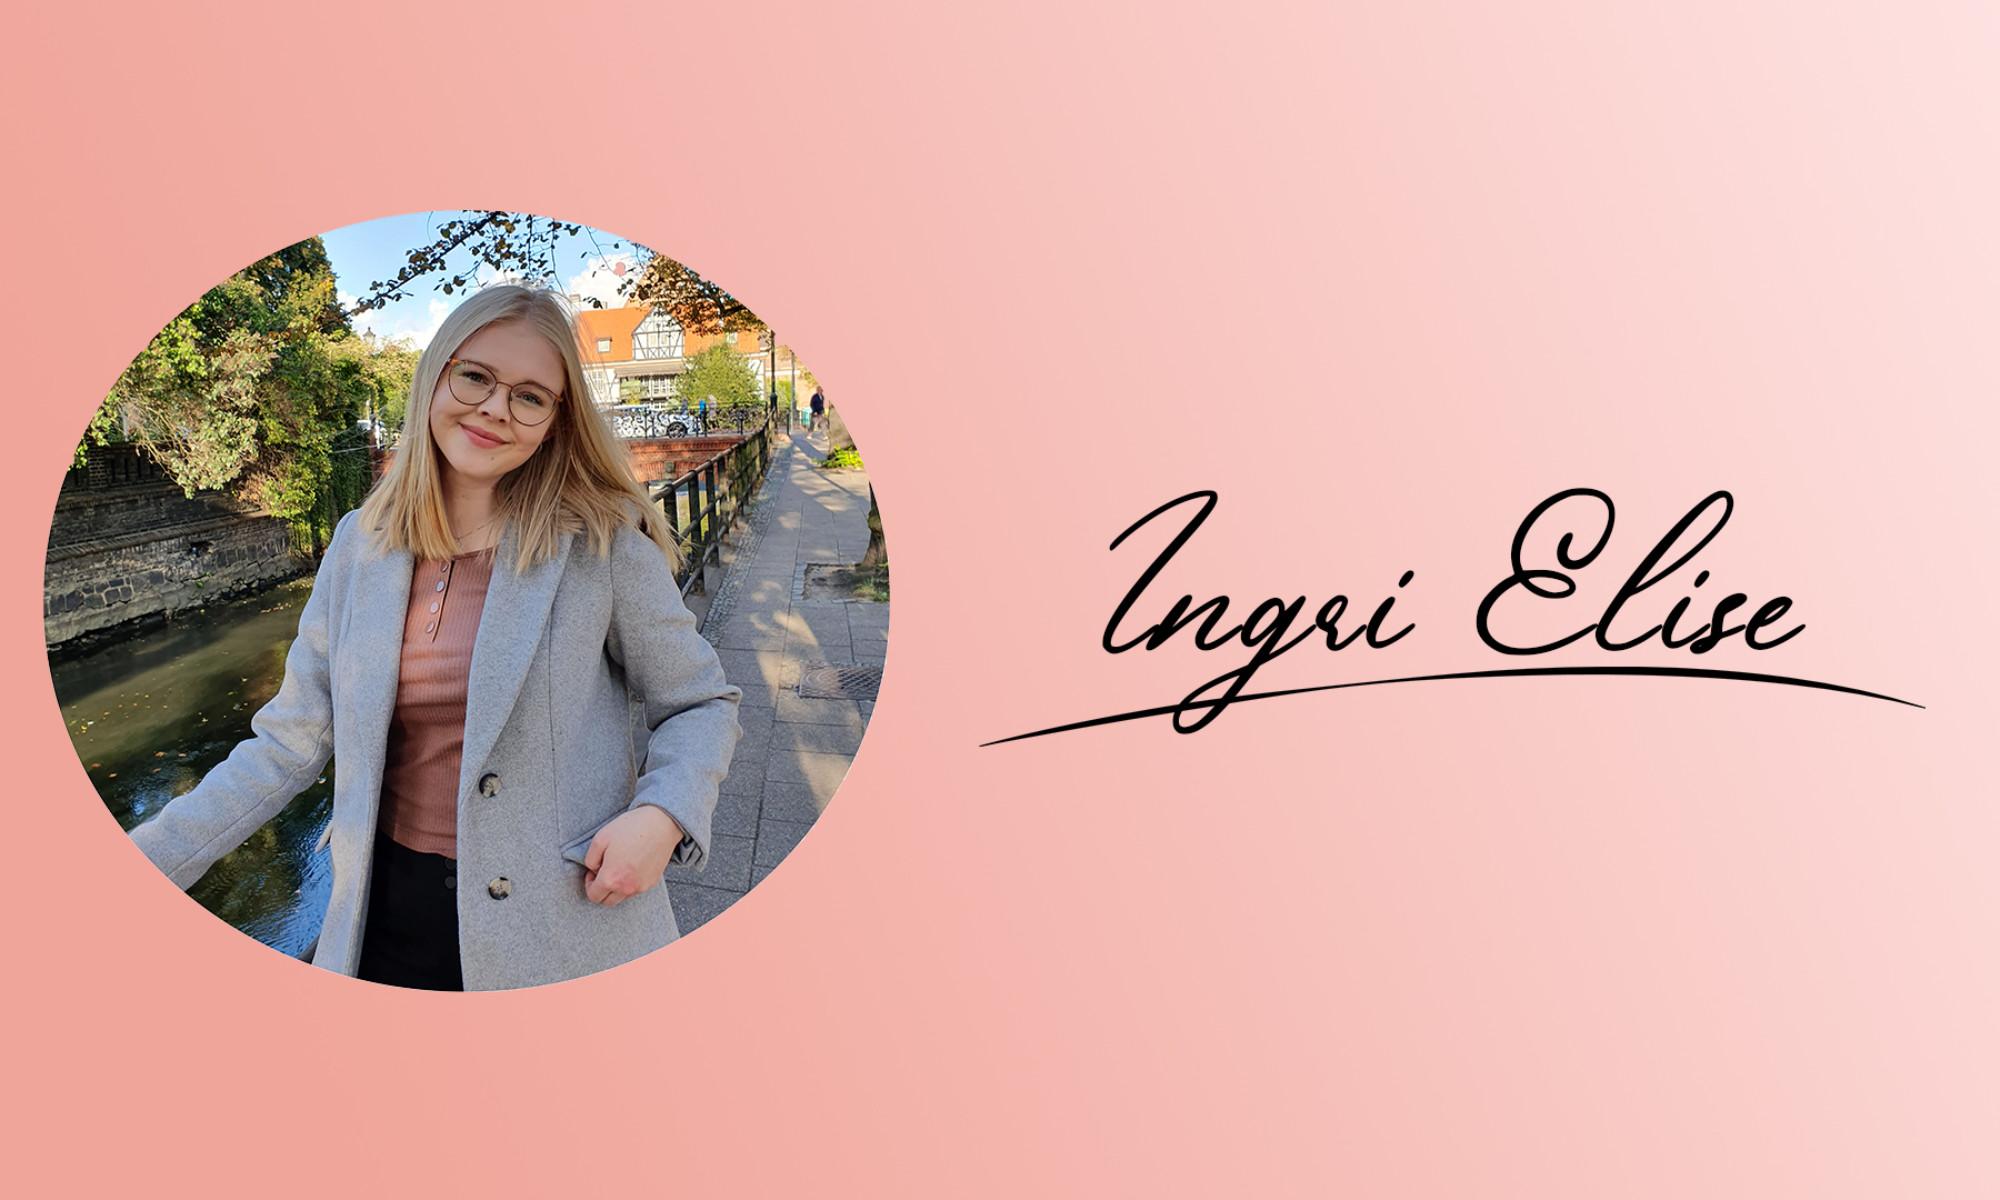 Ingri Elise